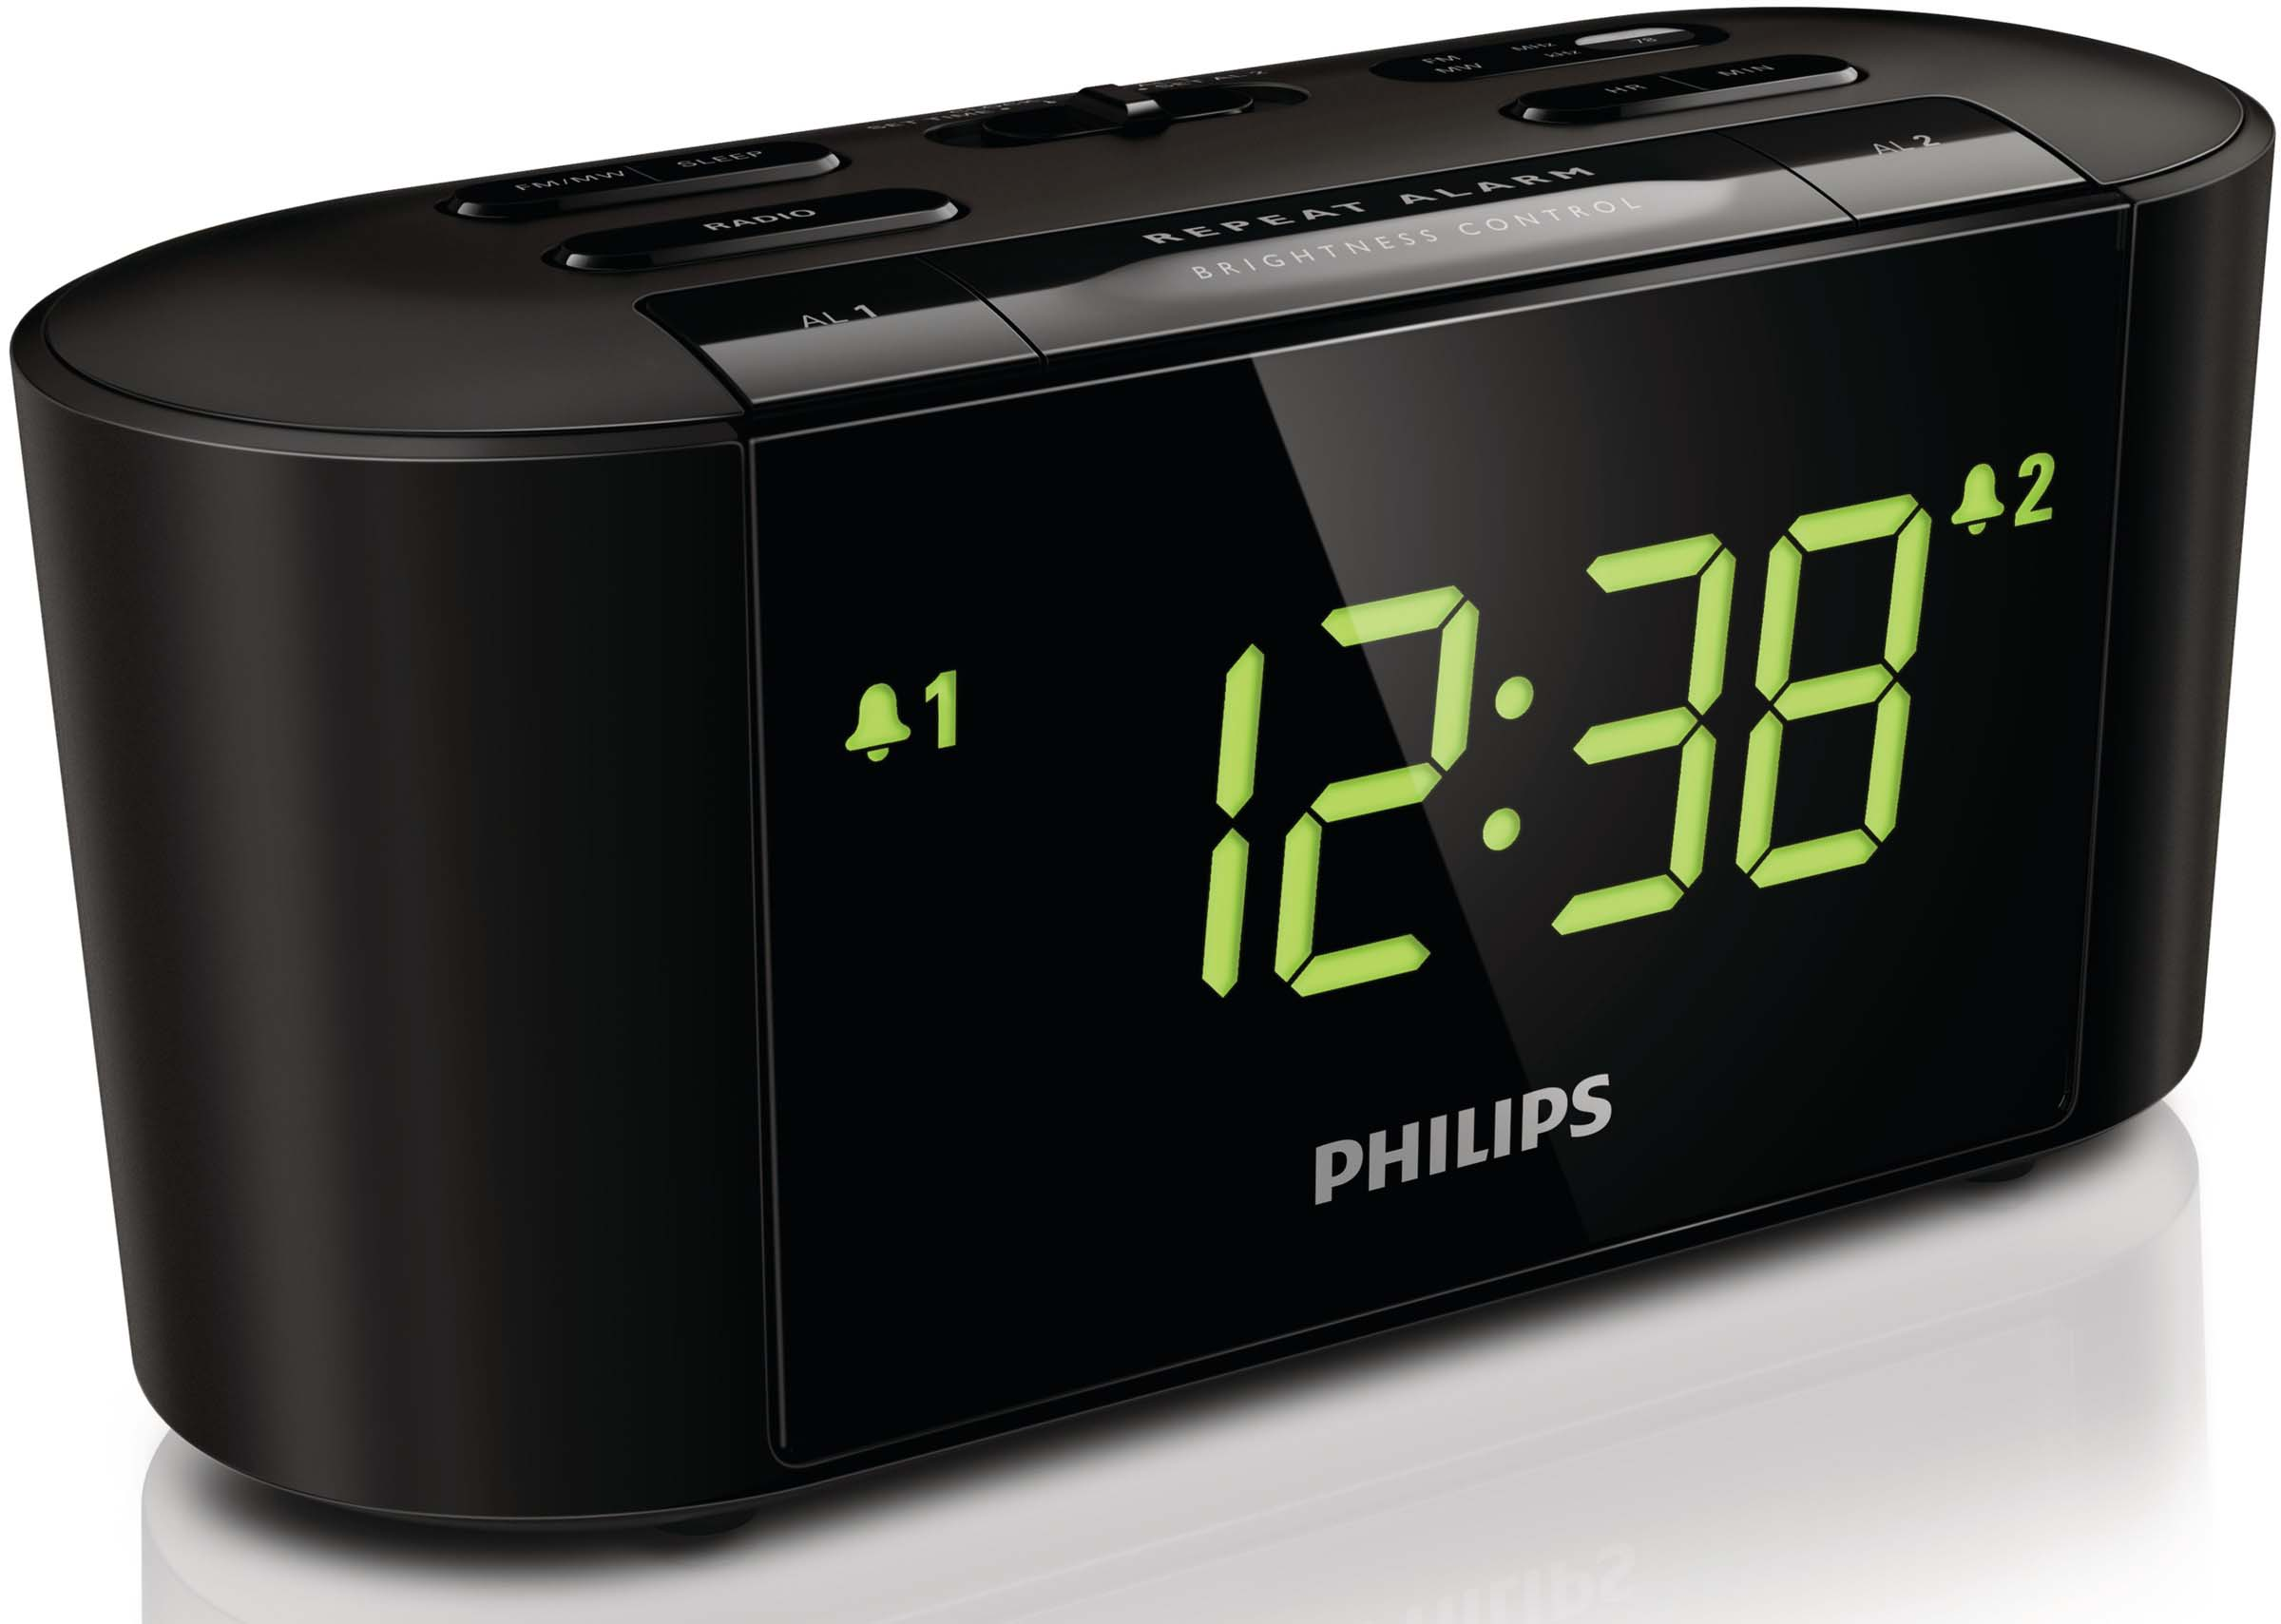 Philips AJ3500  la recensione con foto e tante utili commenti online. 0d6fc6ea671d